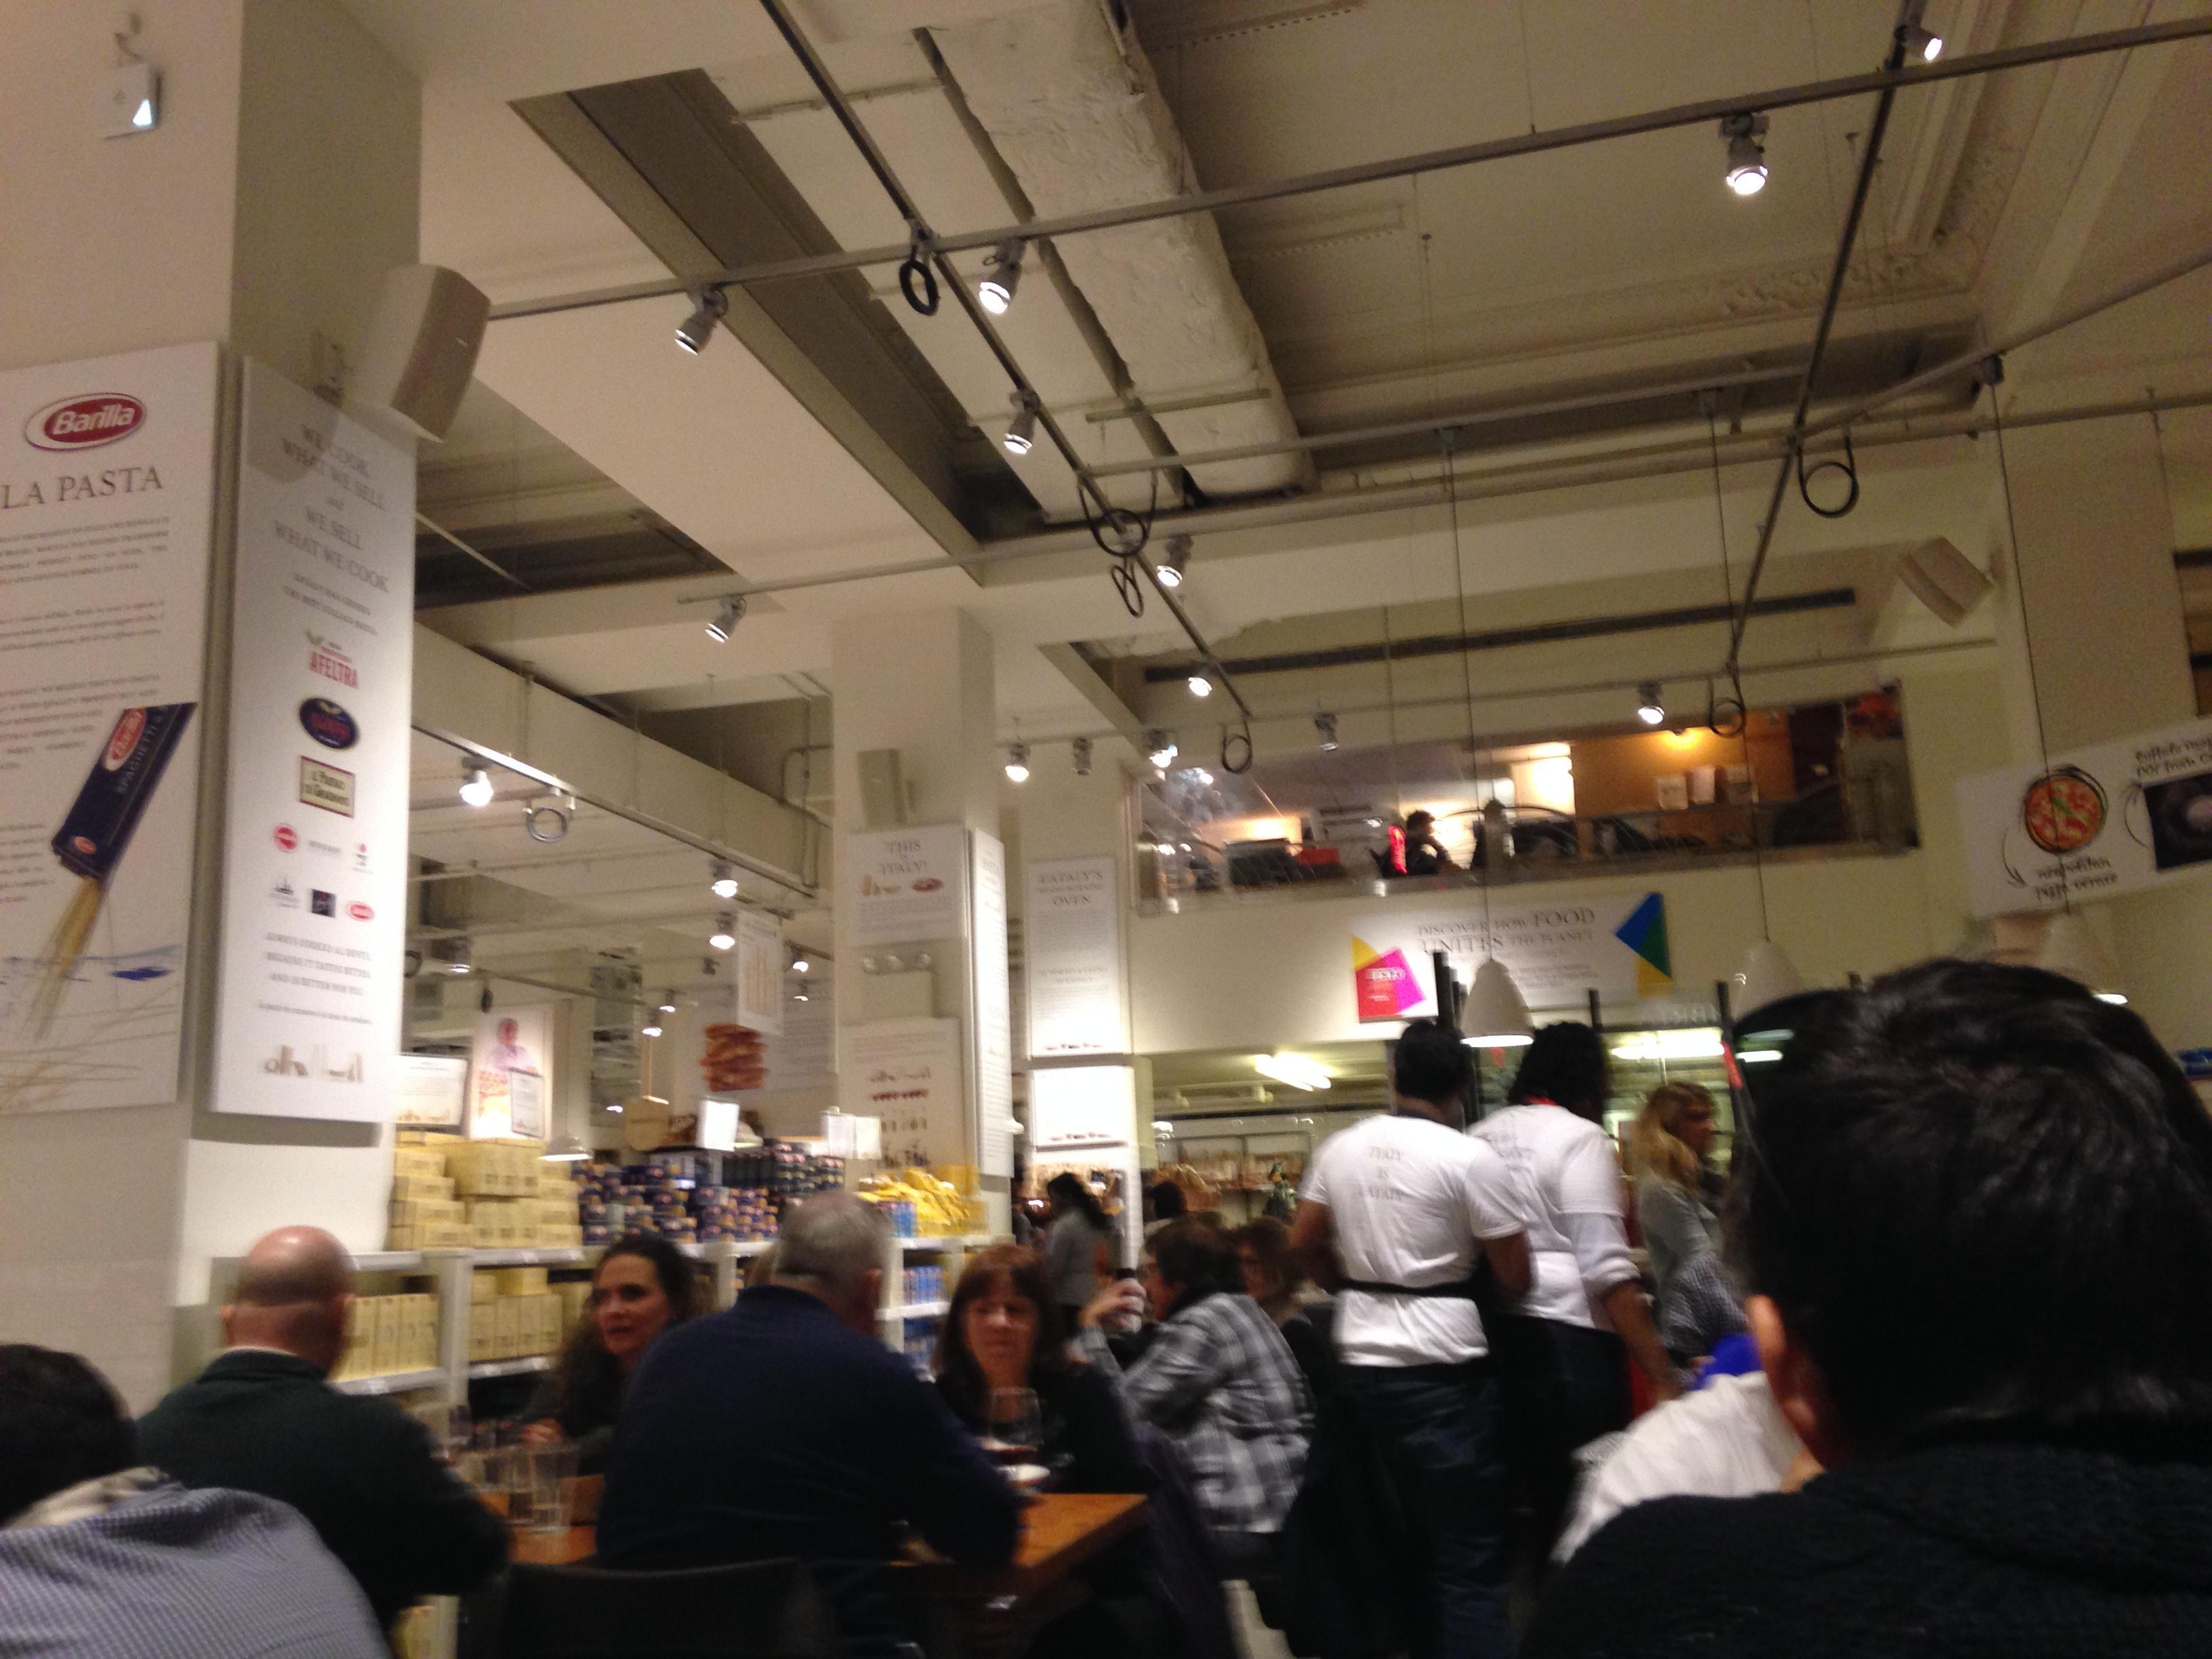 20141113 191627795 ios - Almorzando en Eataly en New York